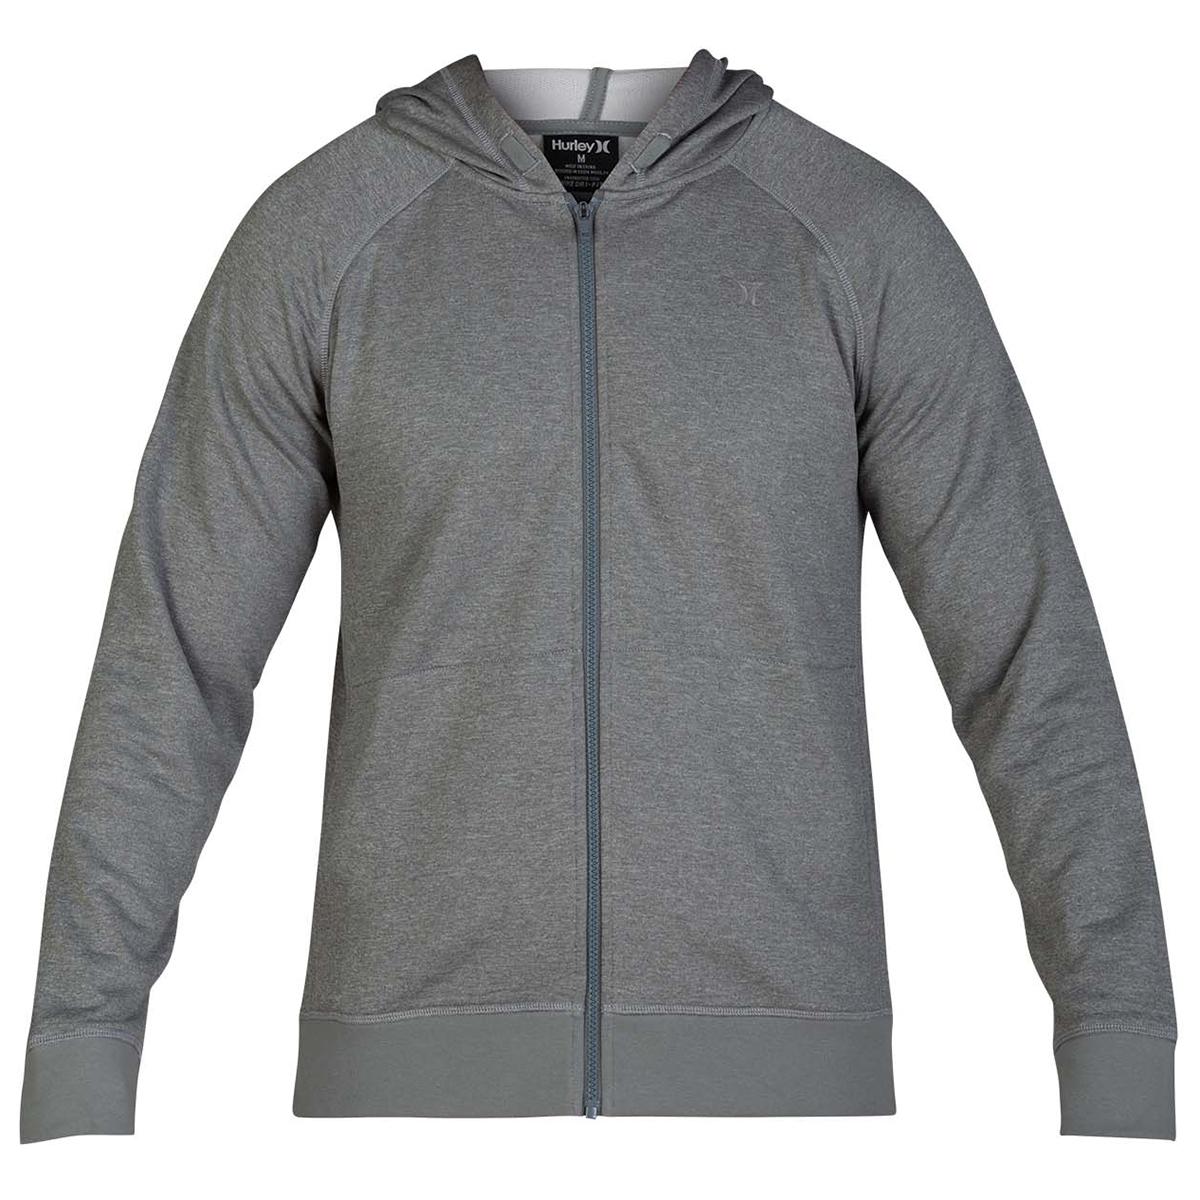 Hurley Men's Dry-Fit Disperse Full Zip Hoodie - Black, XL